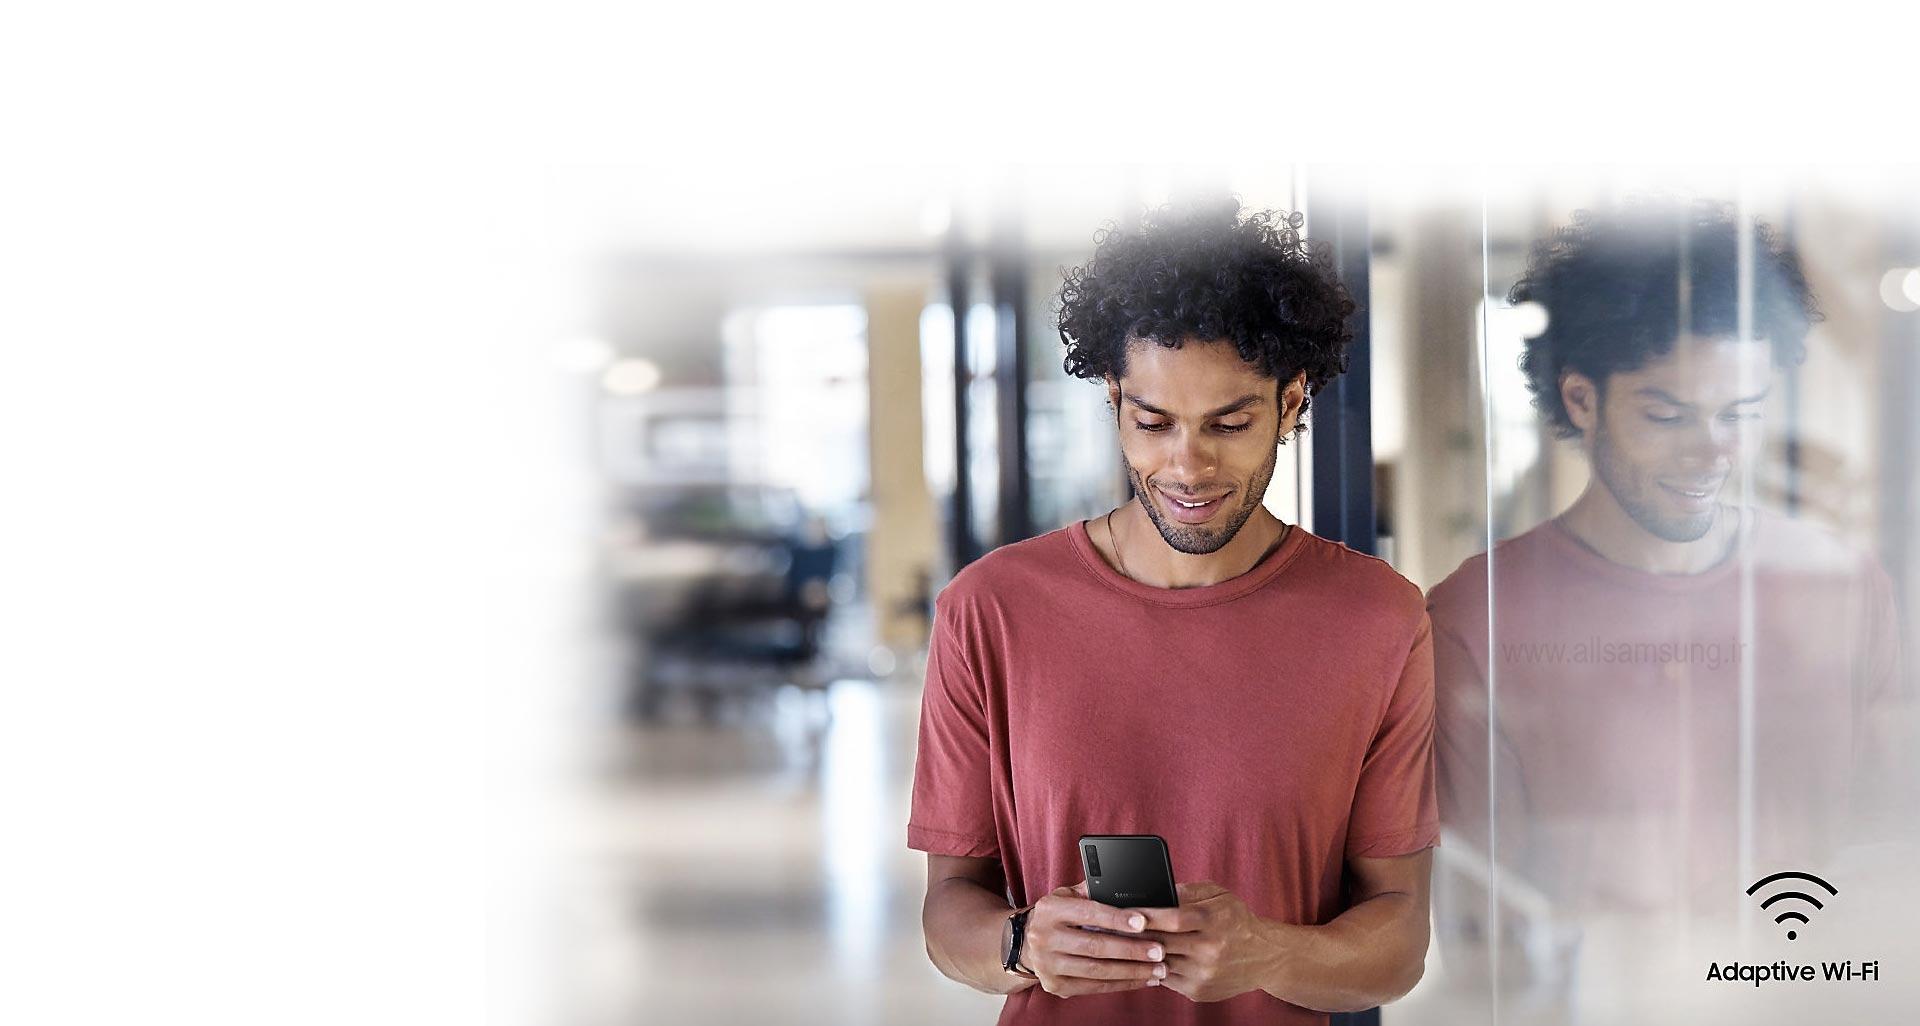 انتقال سریع و آسان به وای فای با گوشی A750